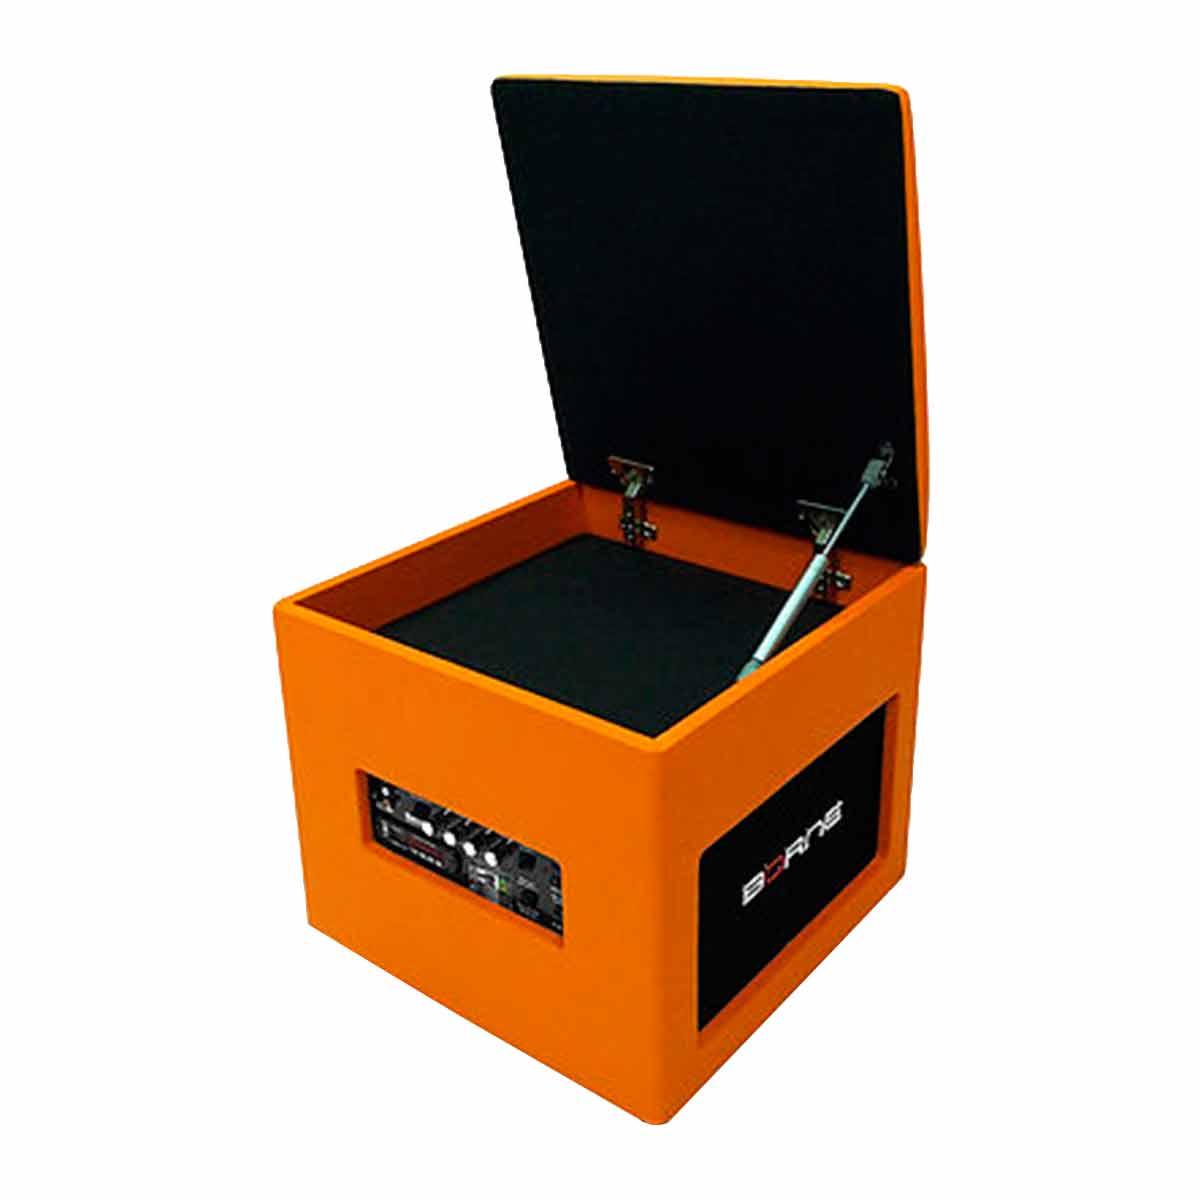 Caixa Ativa 60W c/ Bluetooth e USB Lounge Cube Laranja - Borne